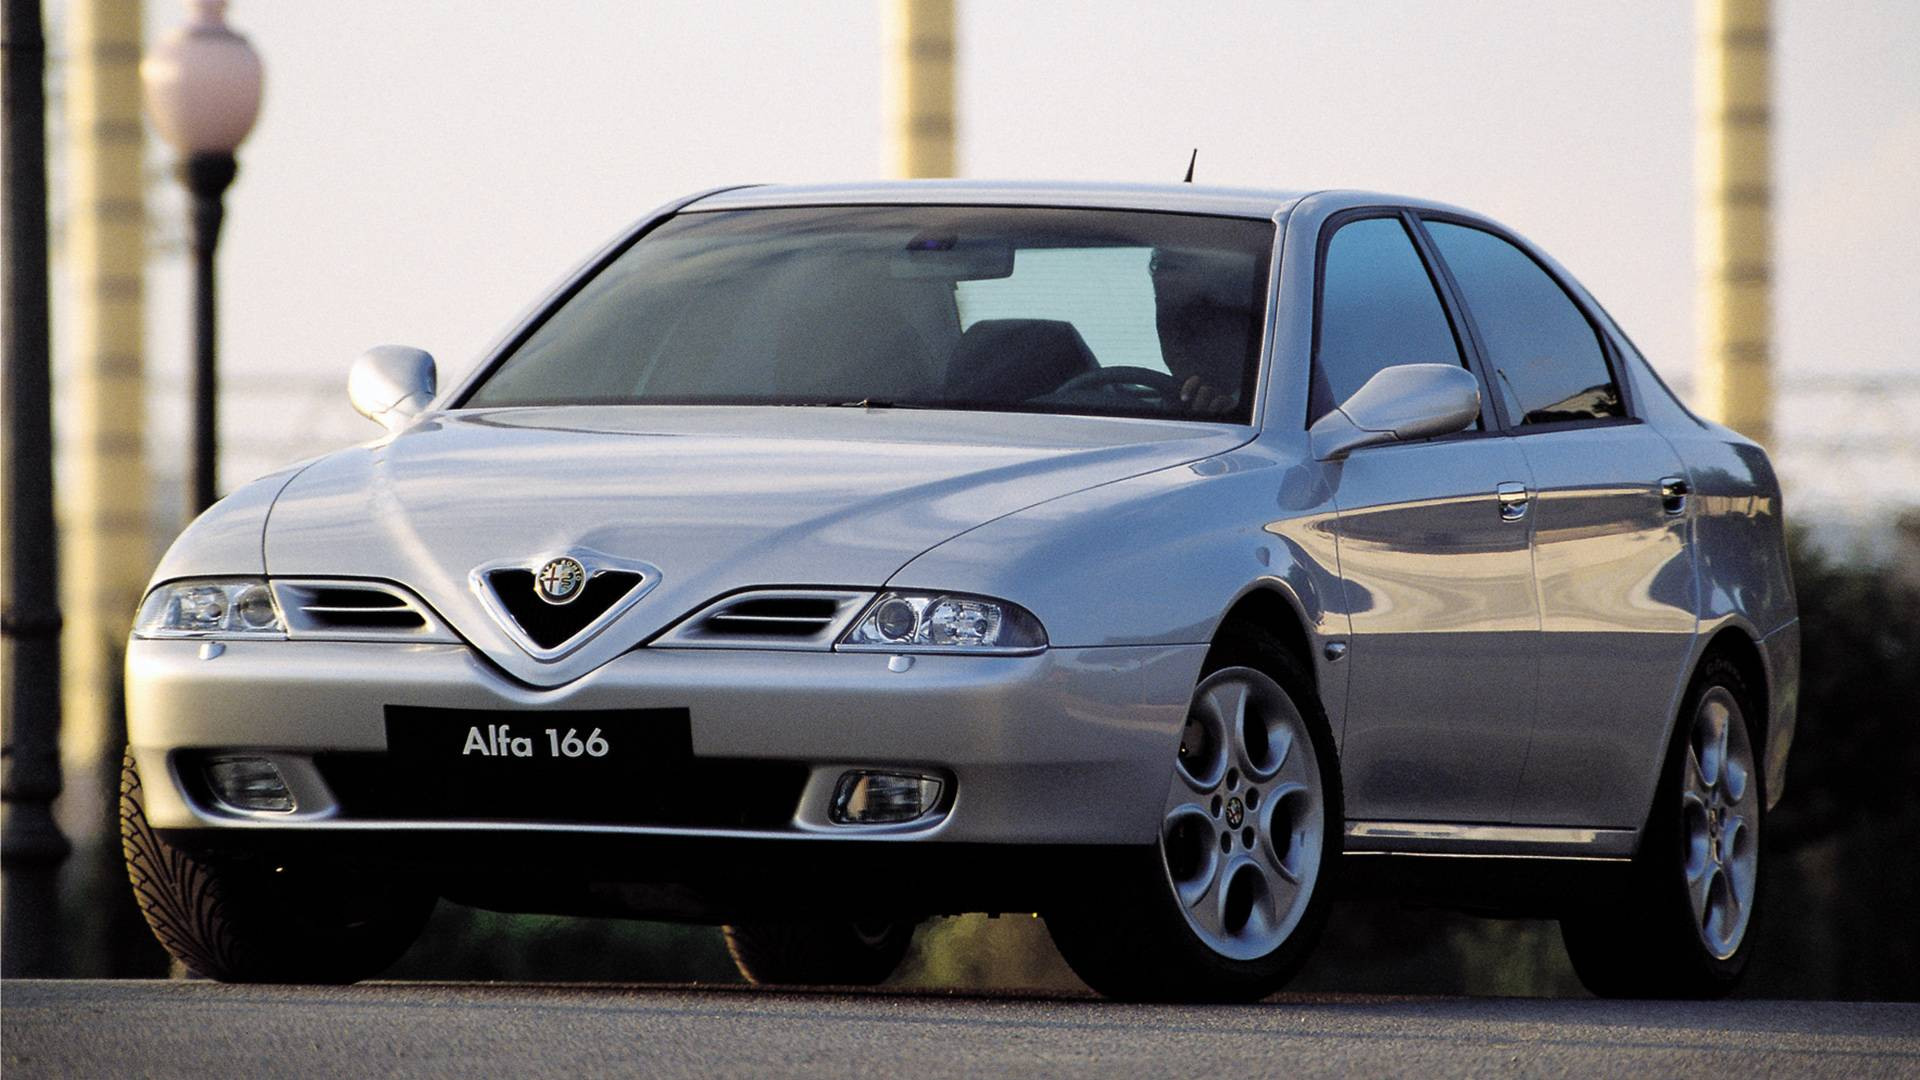 Alfa Romeo Premium